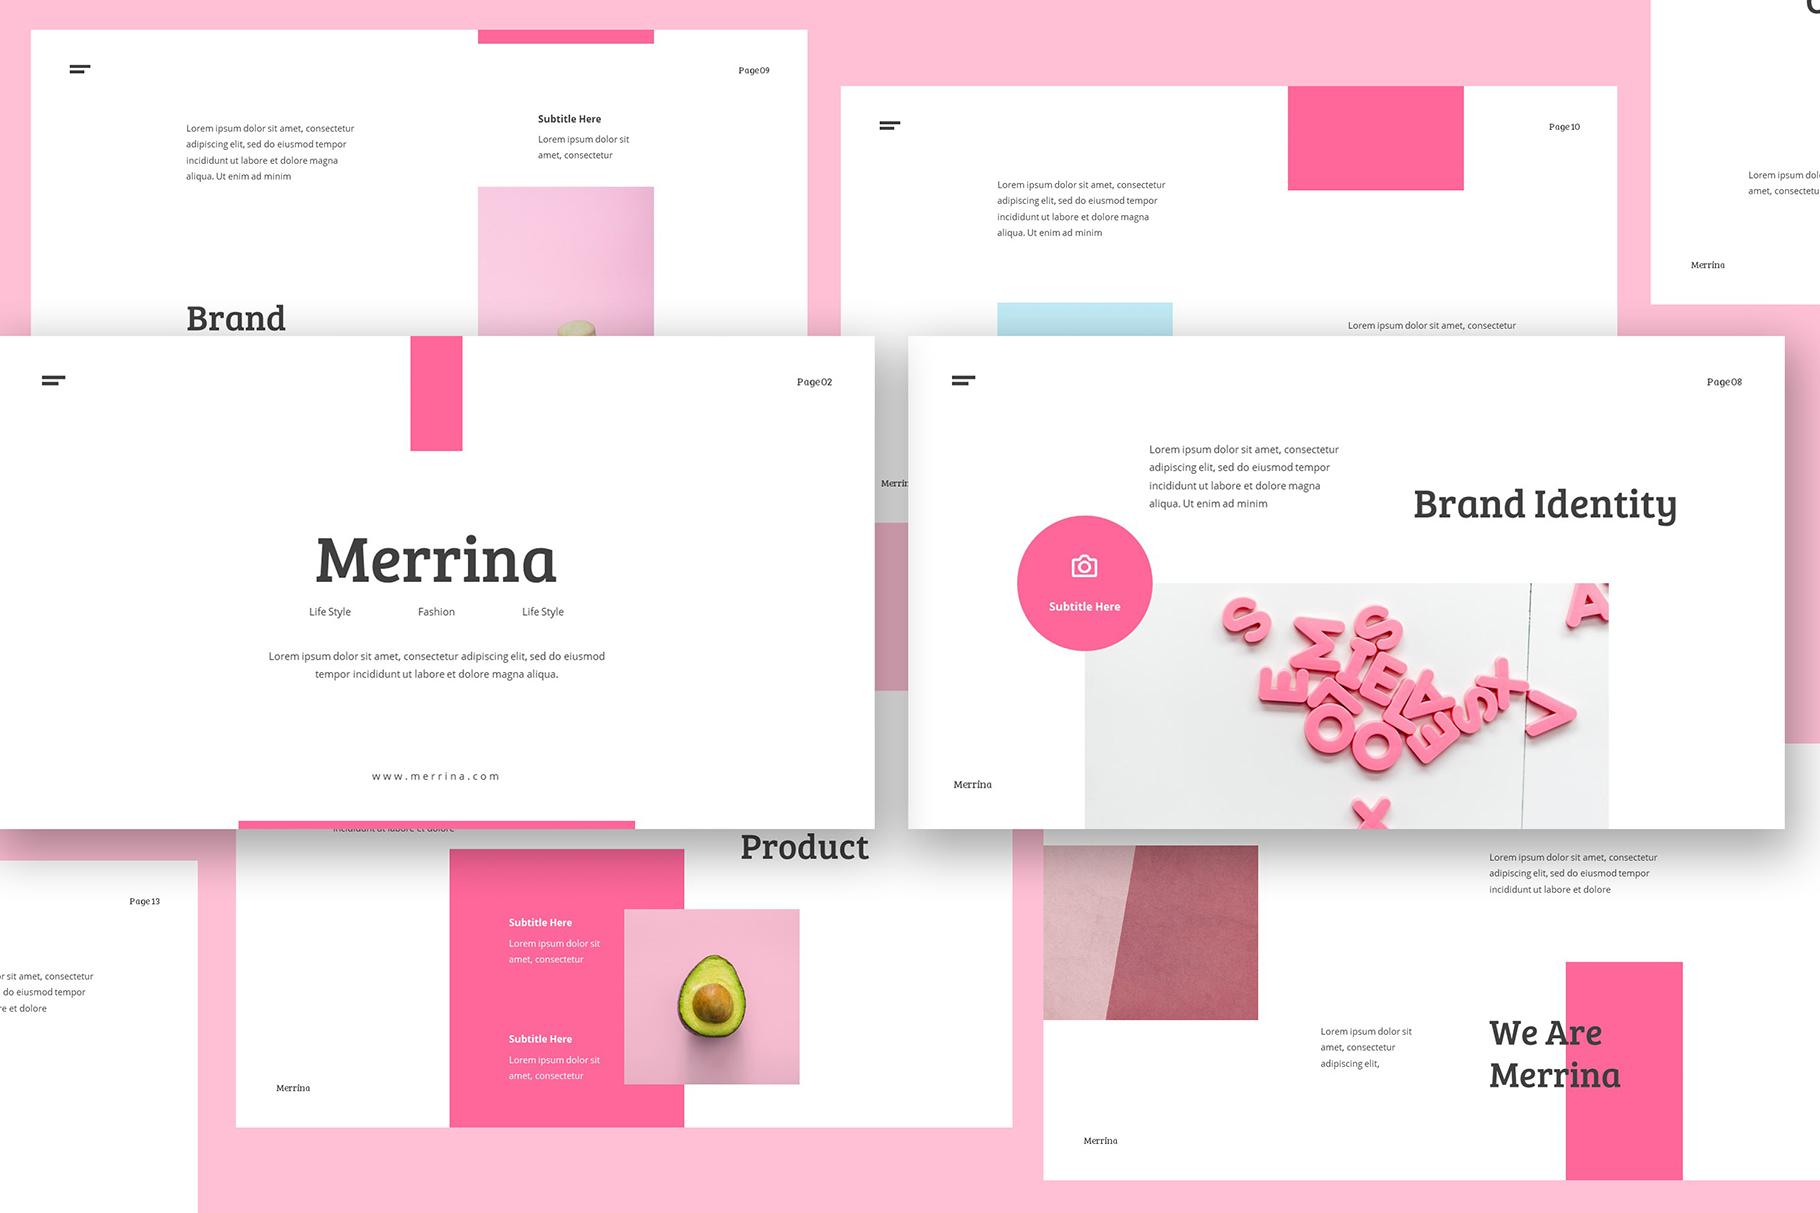 Merrina Brand Guideline Google Slide example image 3